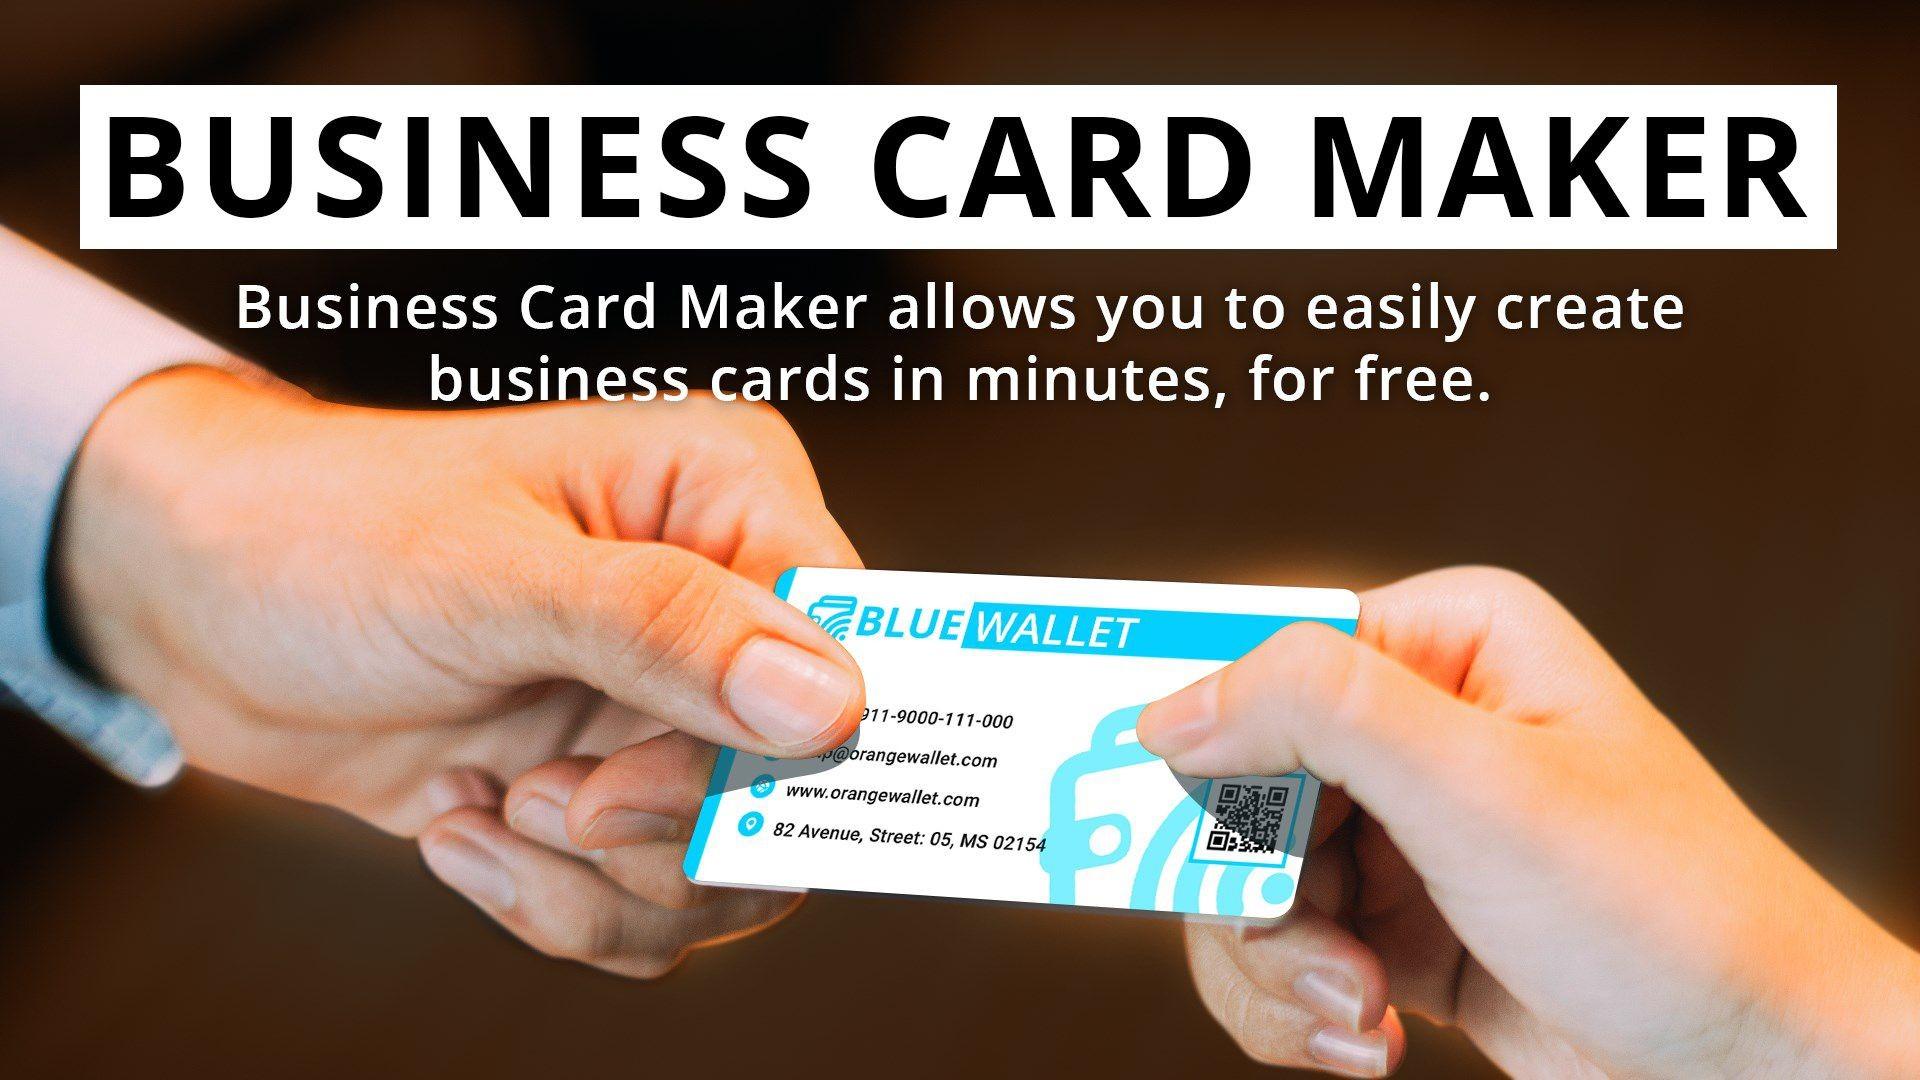 005 Astounding M Office Busines Card Template Idea  Templates Microsoft 2010 20071920